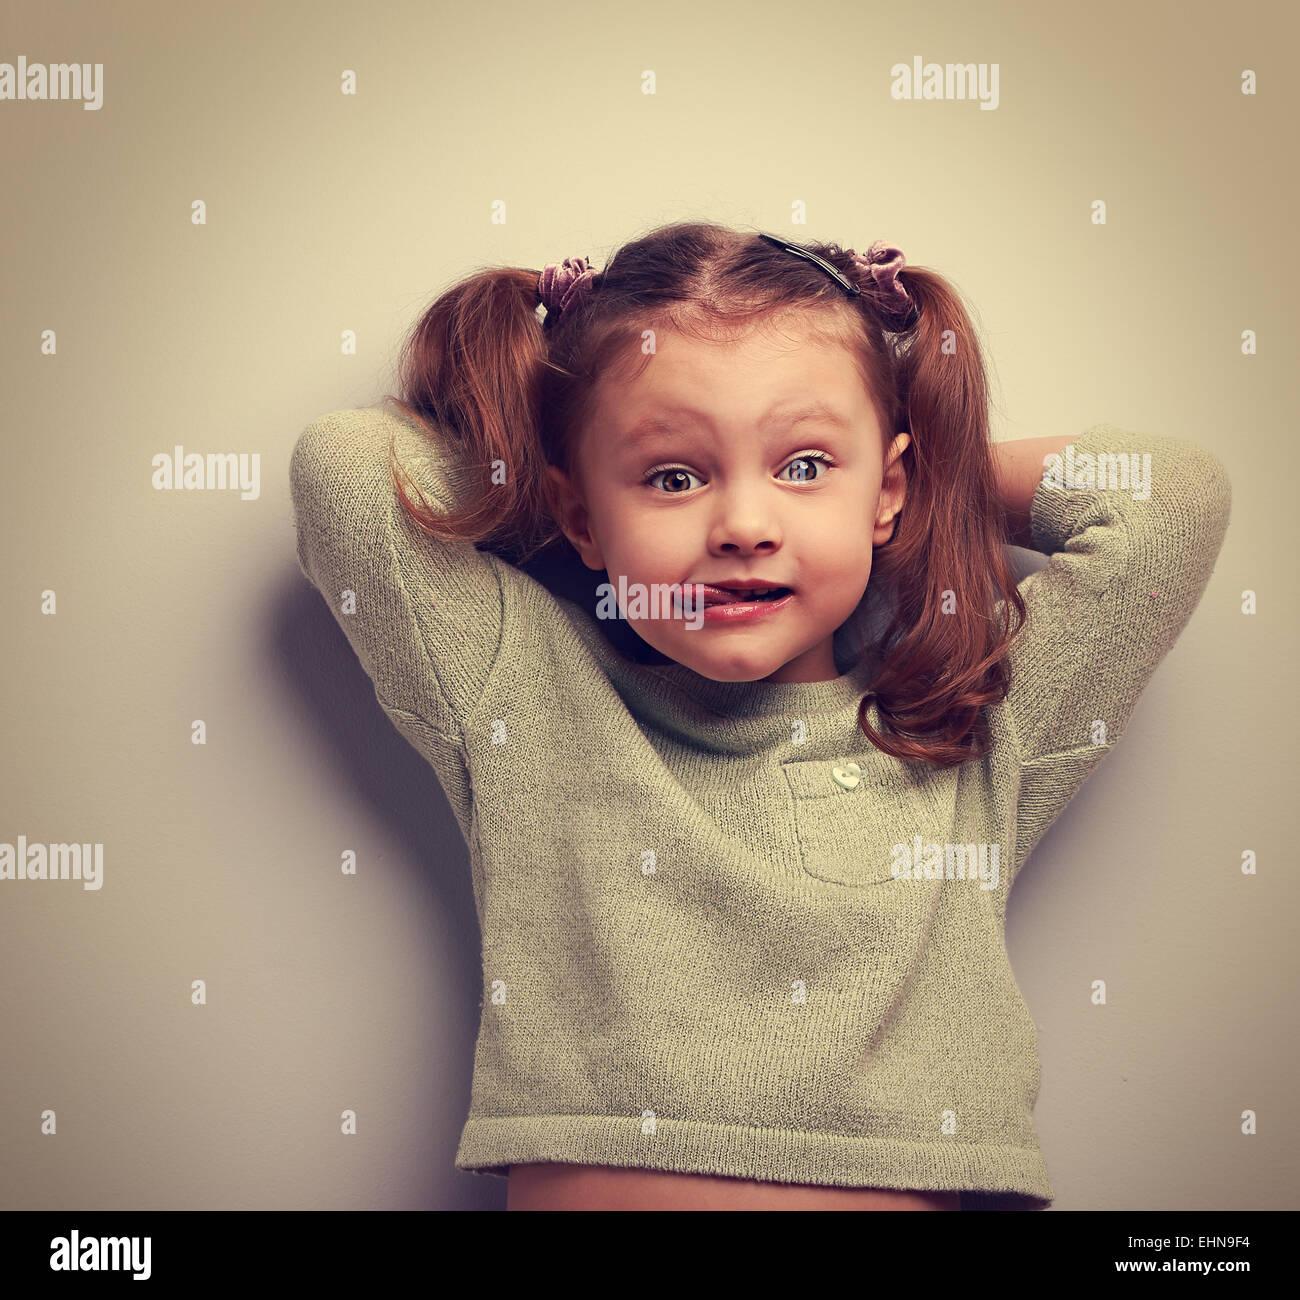 Funny Girl mostrando la lanza y lo sorprendente cara divertida. Retrato Vintage Imagen De Stock